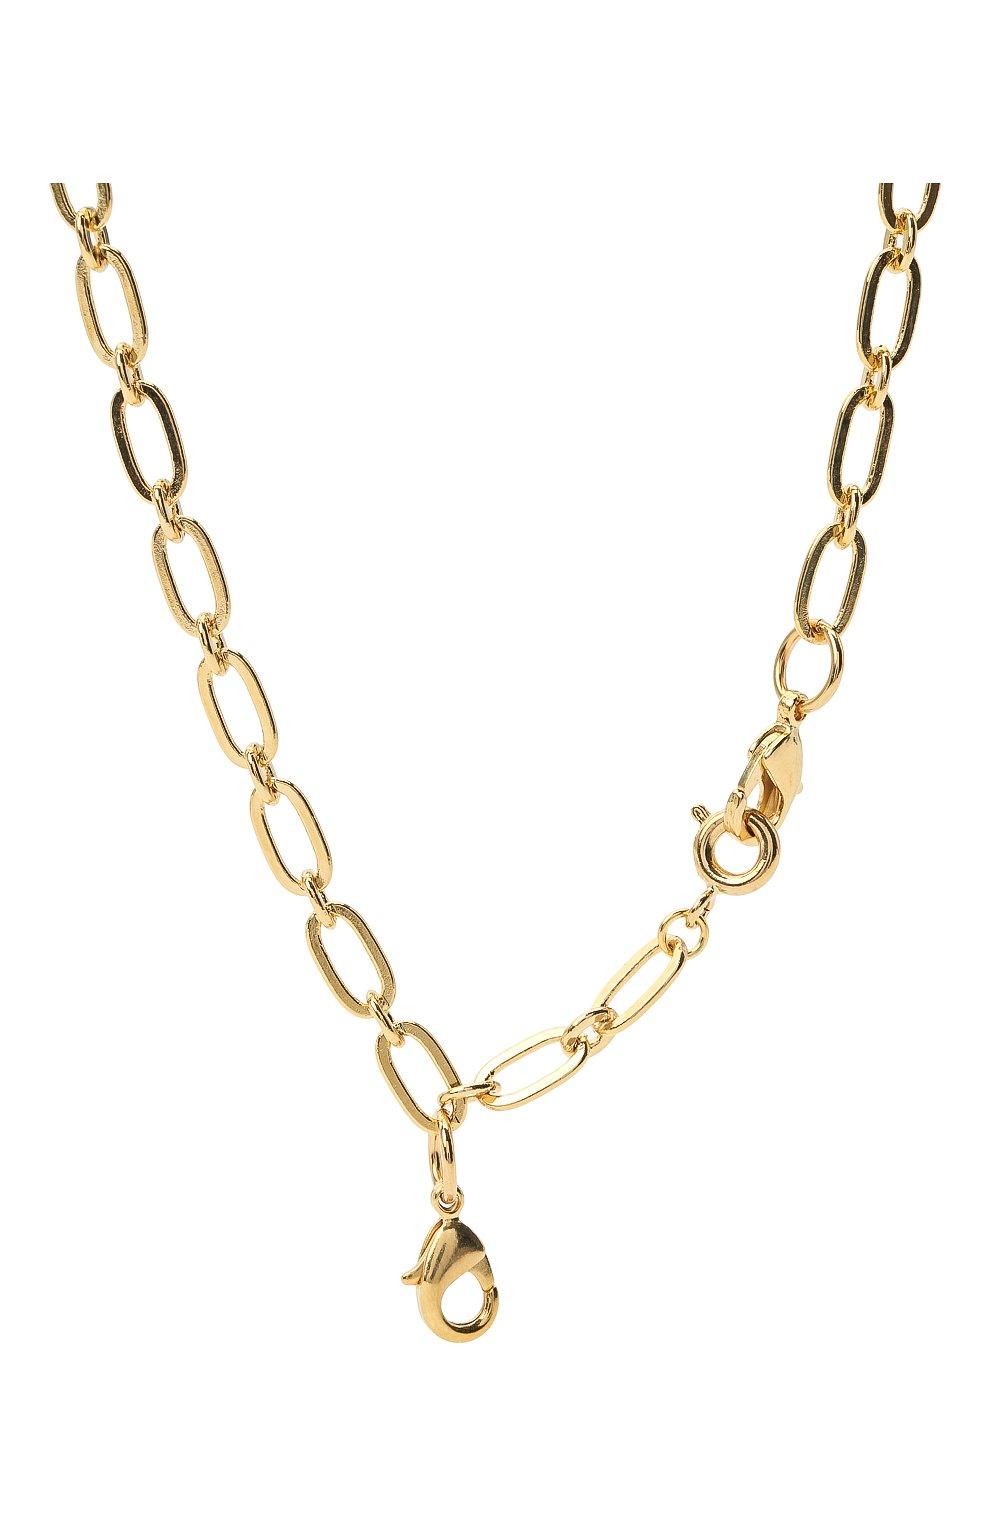 Женское колье HYPSO золотого цвета, арт. C0LLIER 3 M0USQUET0NS | Фото 2